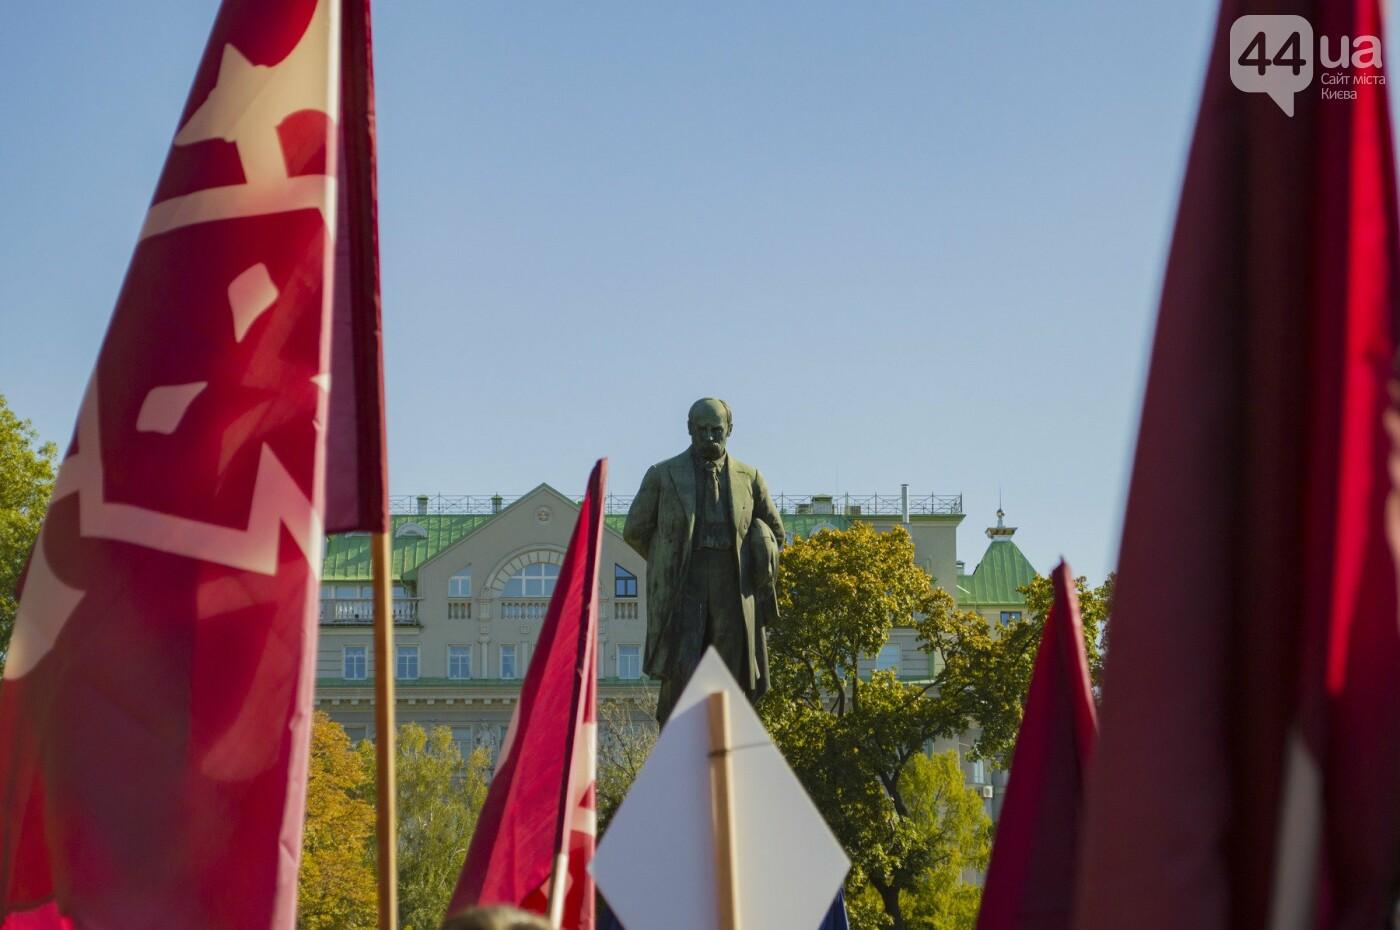 С волынкой, барабанами и черепом: как в Киеве люди митинговали за право на самооборону, фото-3